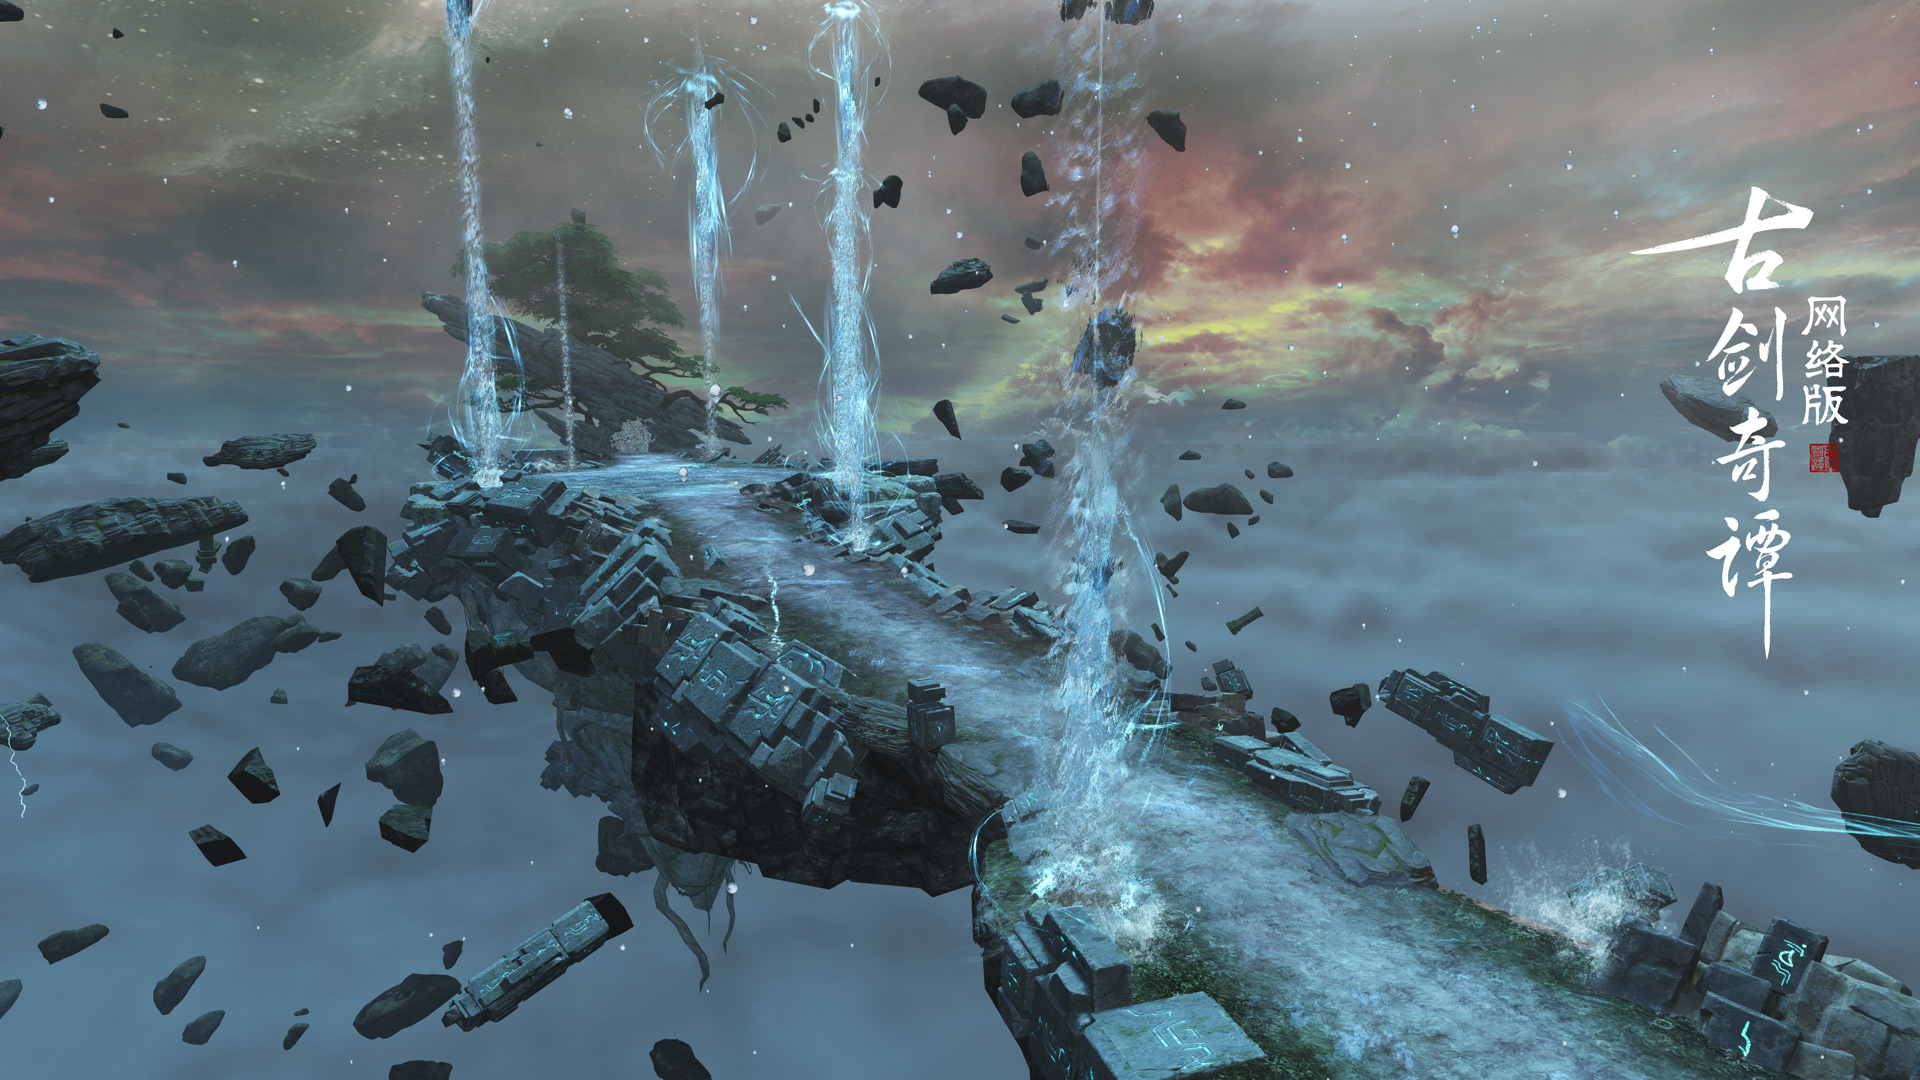 《古剑奇谭OL》全新秘境琅泉界桥正式开启